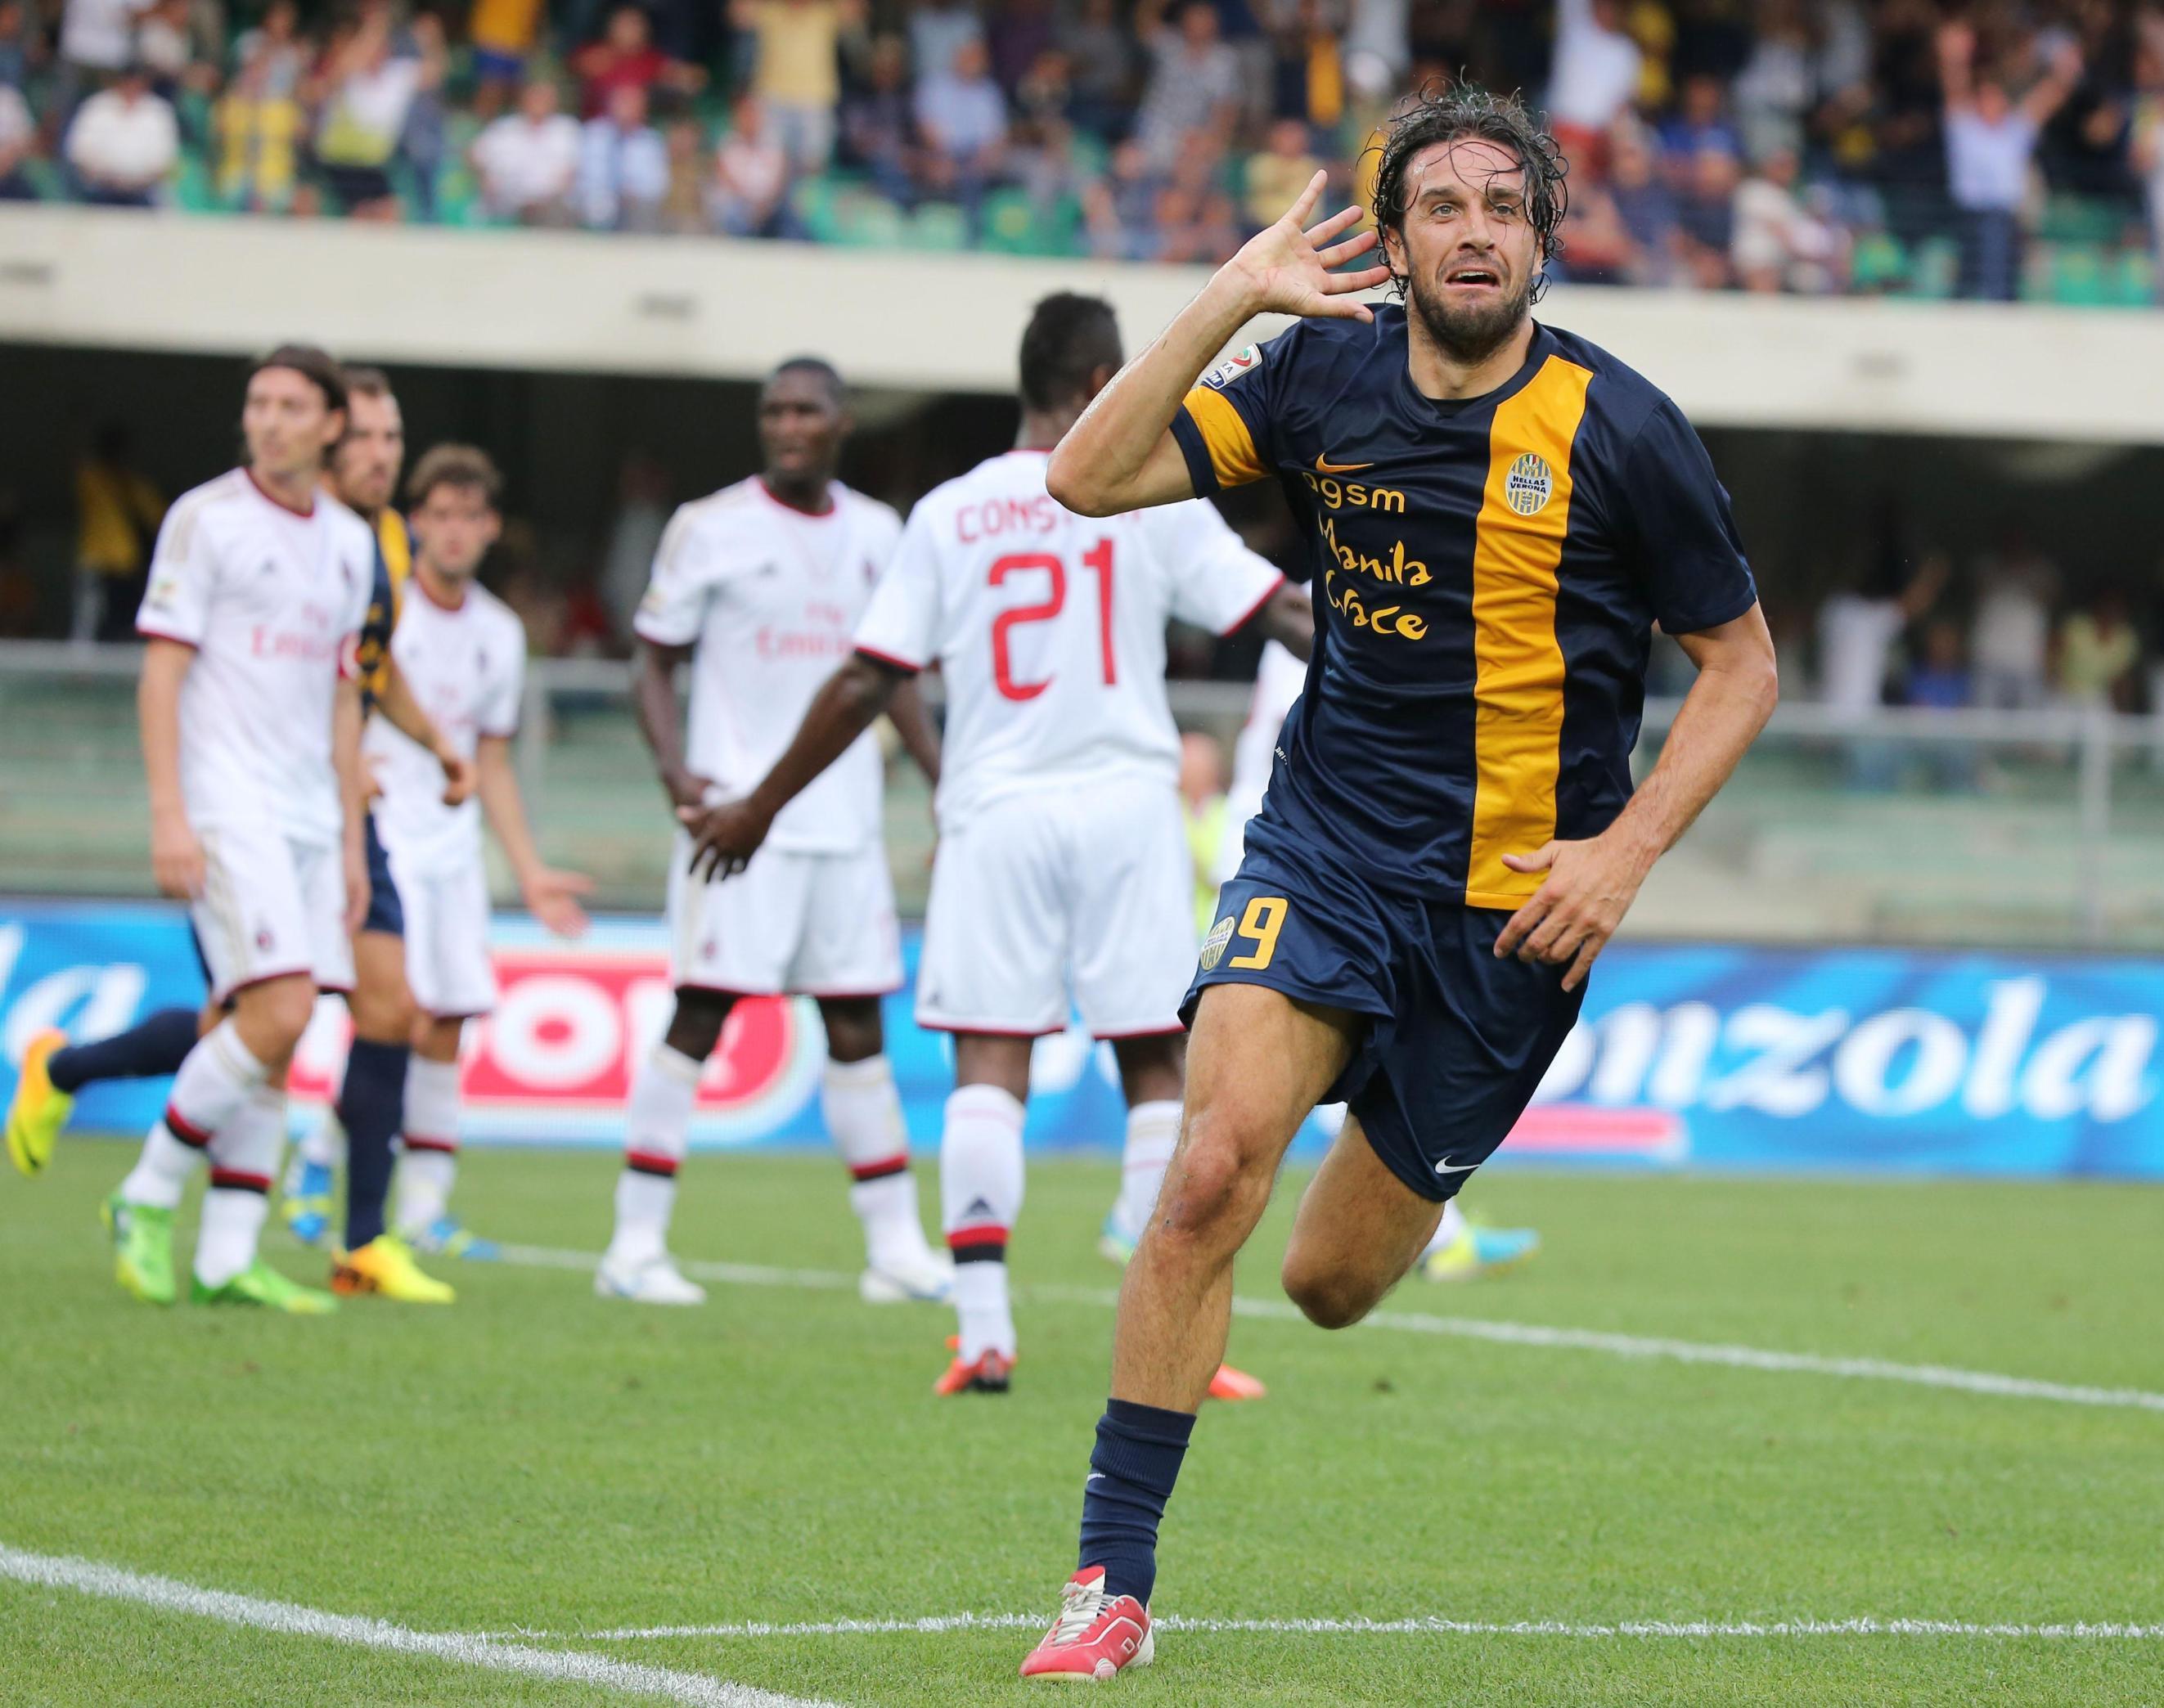 Toni sfida Totti per i tre punti al Bentegodi. Chi la spunterà tra i grandi vecchietti del gol della Serie A?